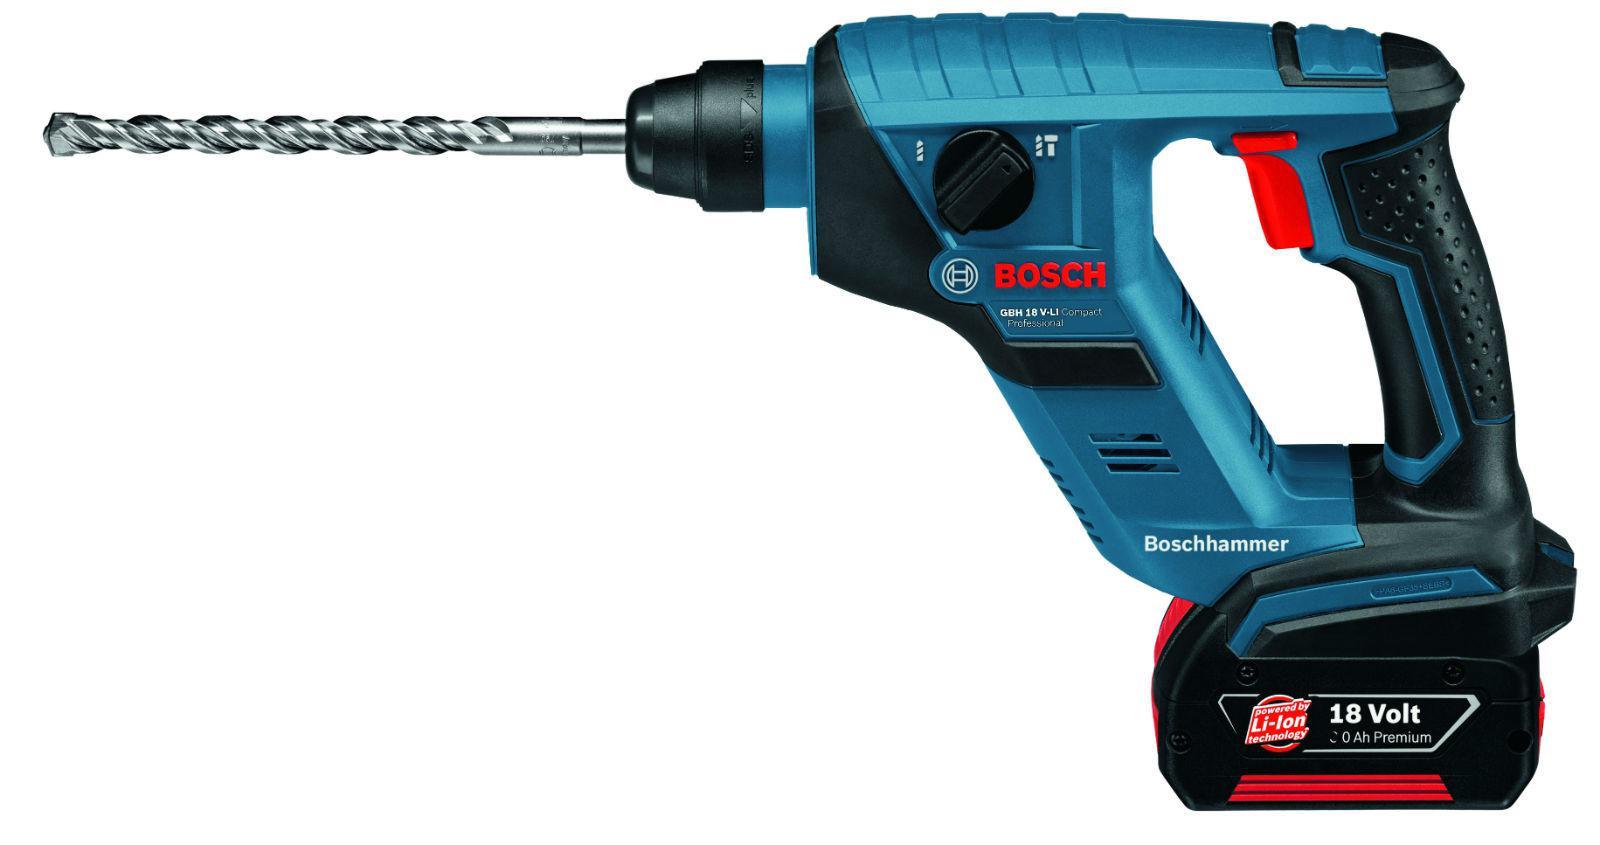 Перфоратор Bosch 611905300 gbh 18 v-li compact (0.611.905.300) набор bosch перфоратор gbh 18 v ec 0 611 904 002 адаптер gaa 18v 24